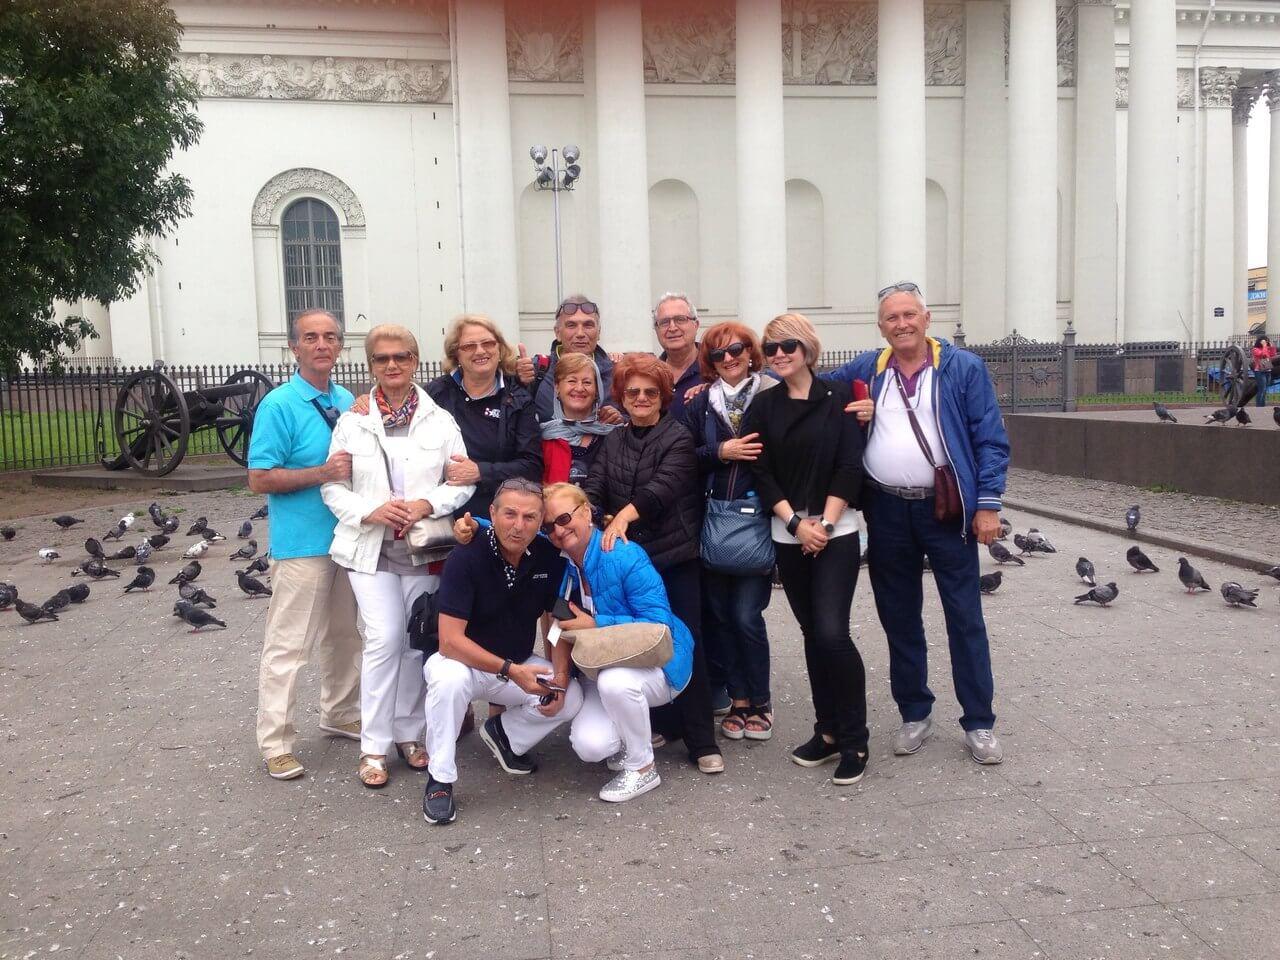 Con dei turisti napoletani davanti alla chiesa di Santa Trinità a San Pietroburgo